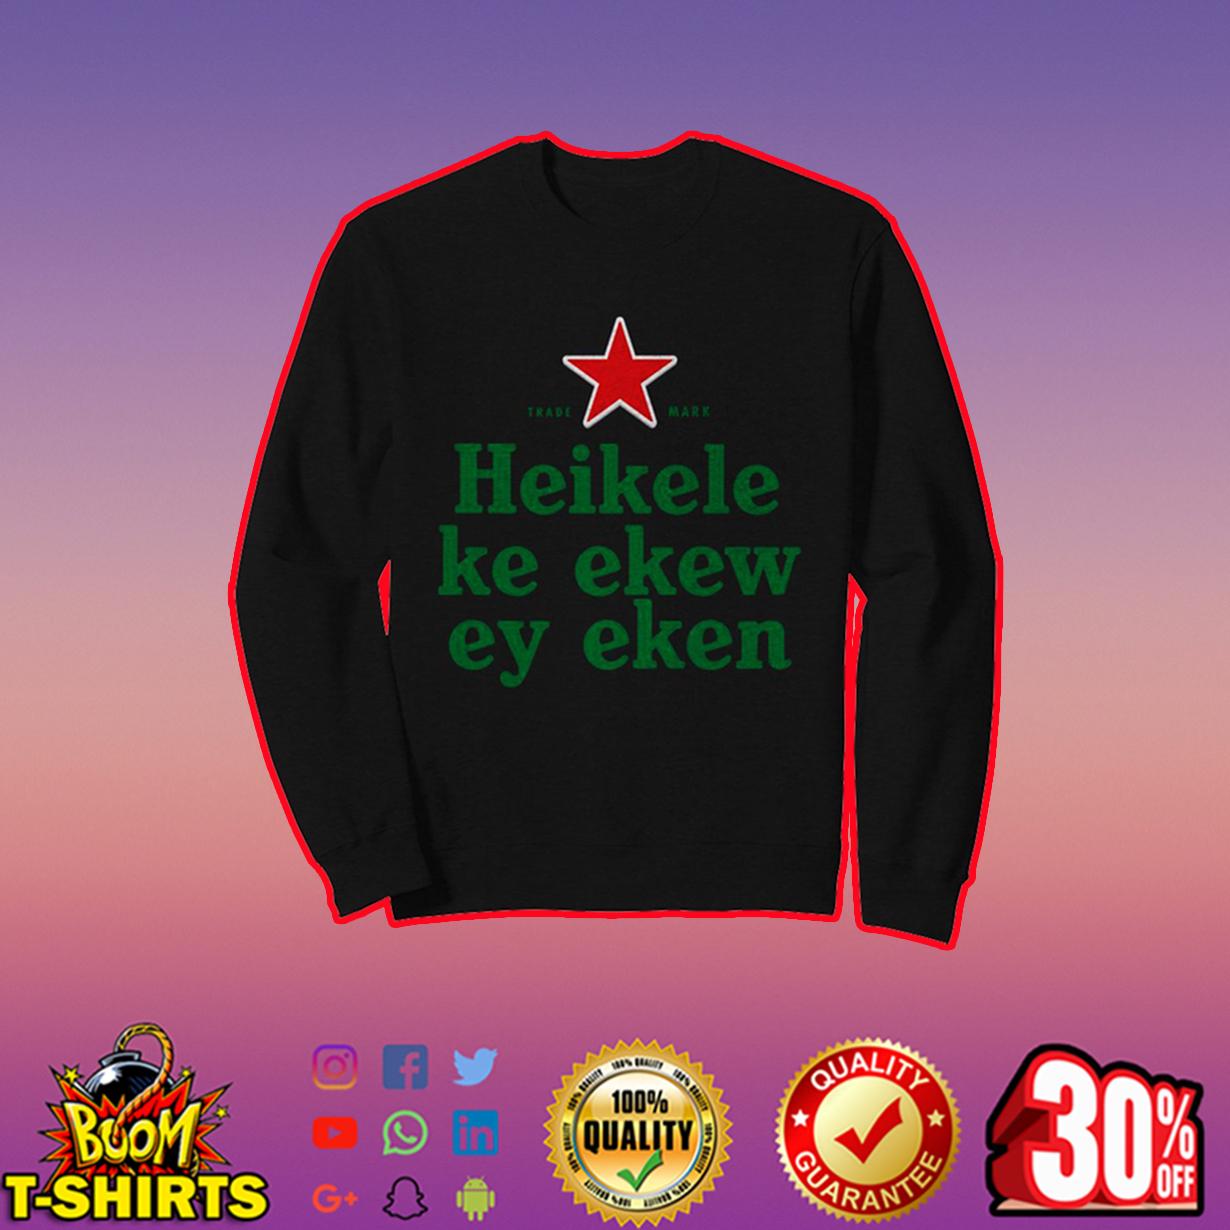 Heikelekeekeweyeken Sublimation Dryfit sweatshirt